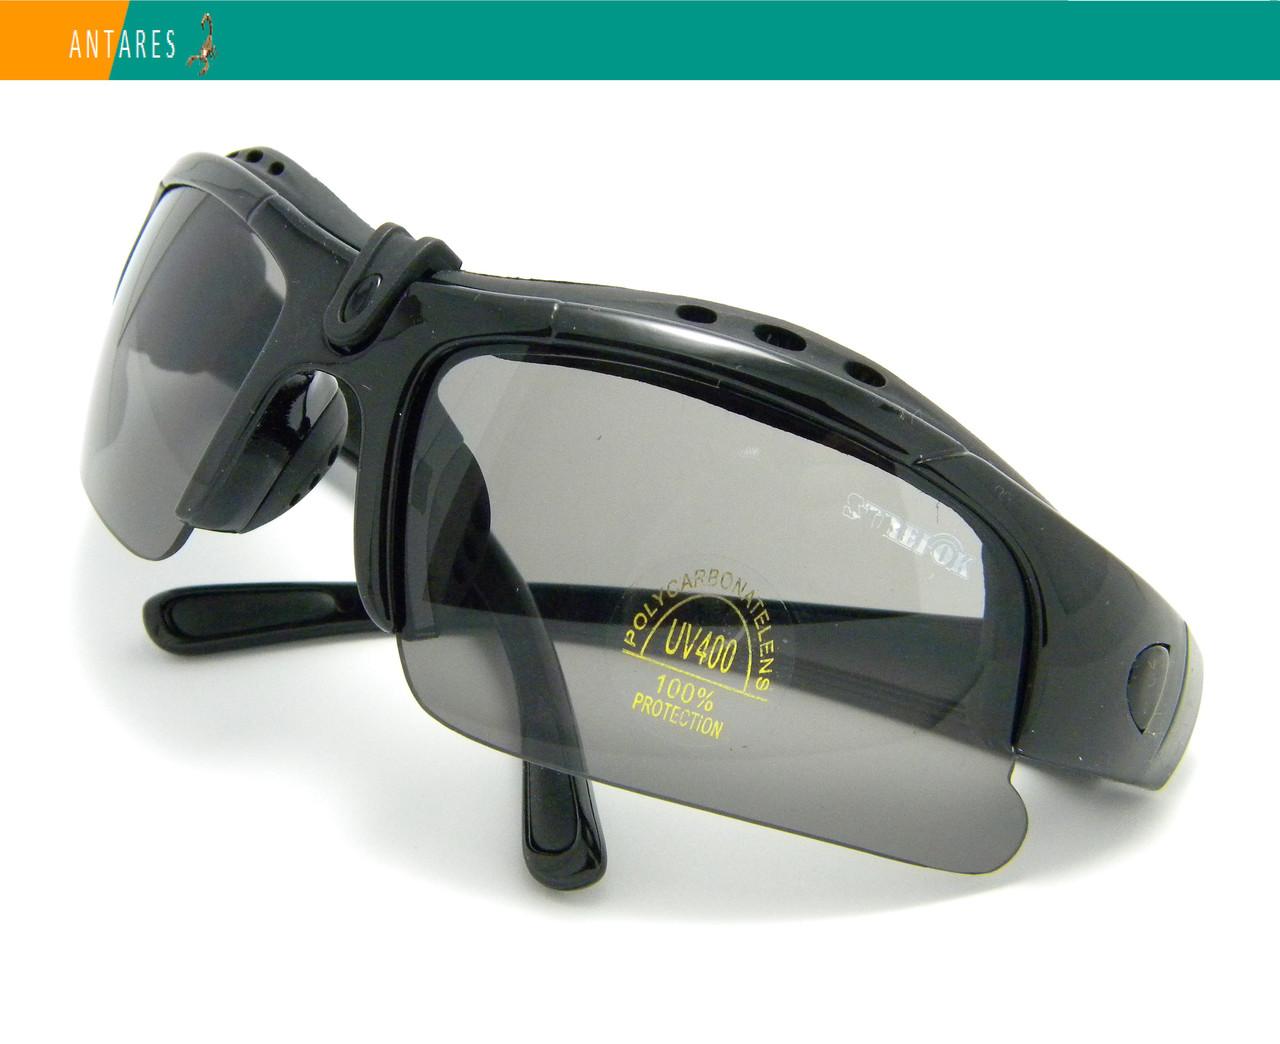 Тактические защитные очки Strelok STR-41 съмный уплотнитель, фото 1